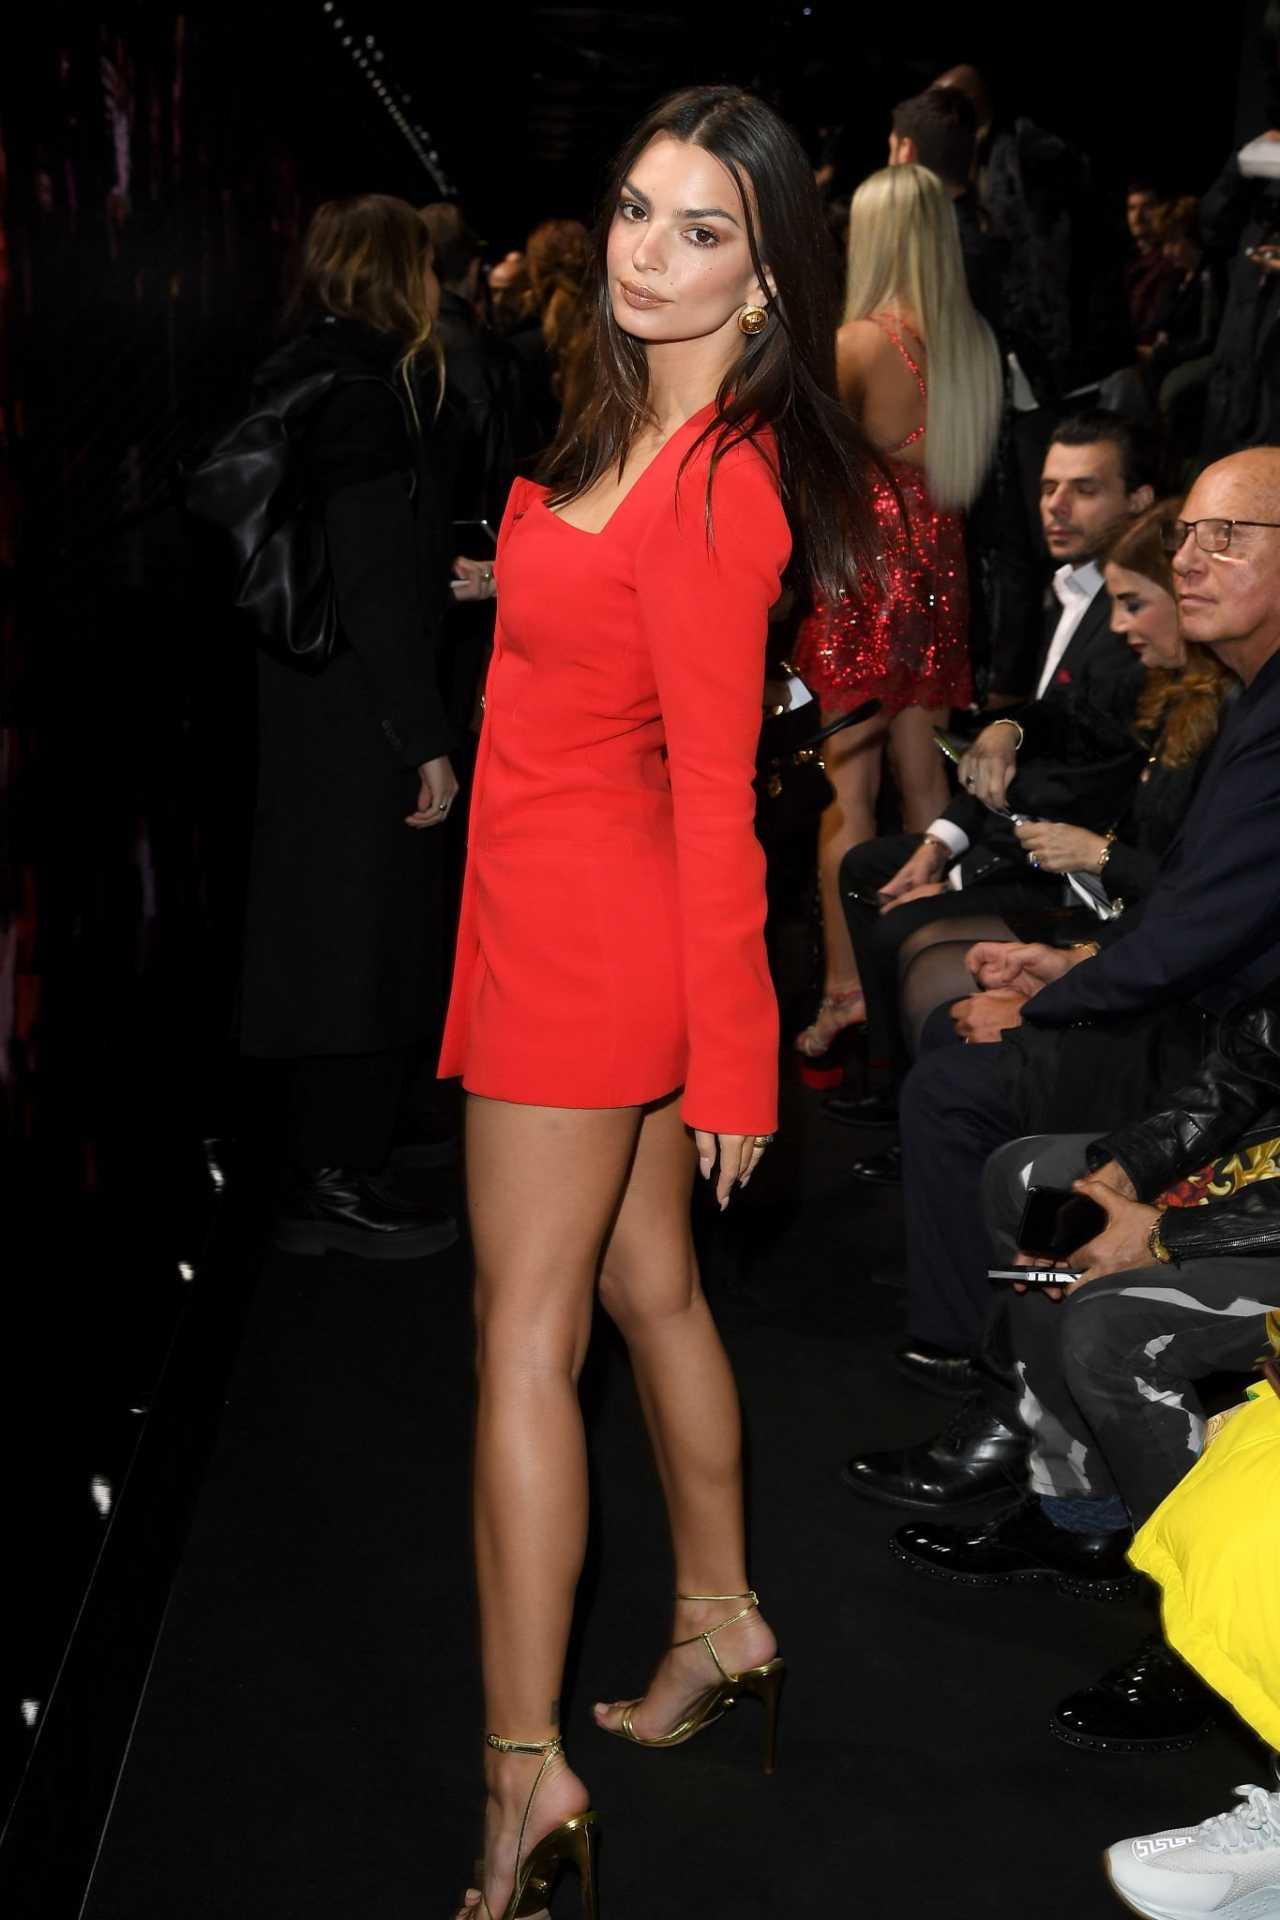 Emily Ratajkowski 2020 : Emily Ratajkowski – In red at Versace Fashion Show in Milan February-11